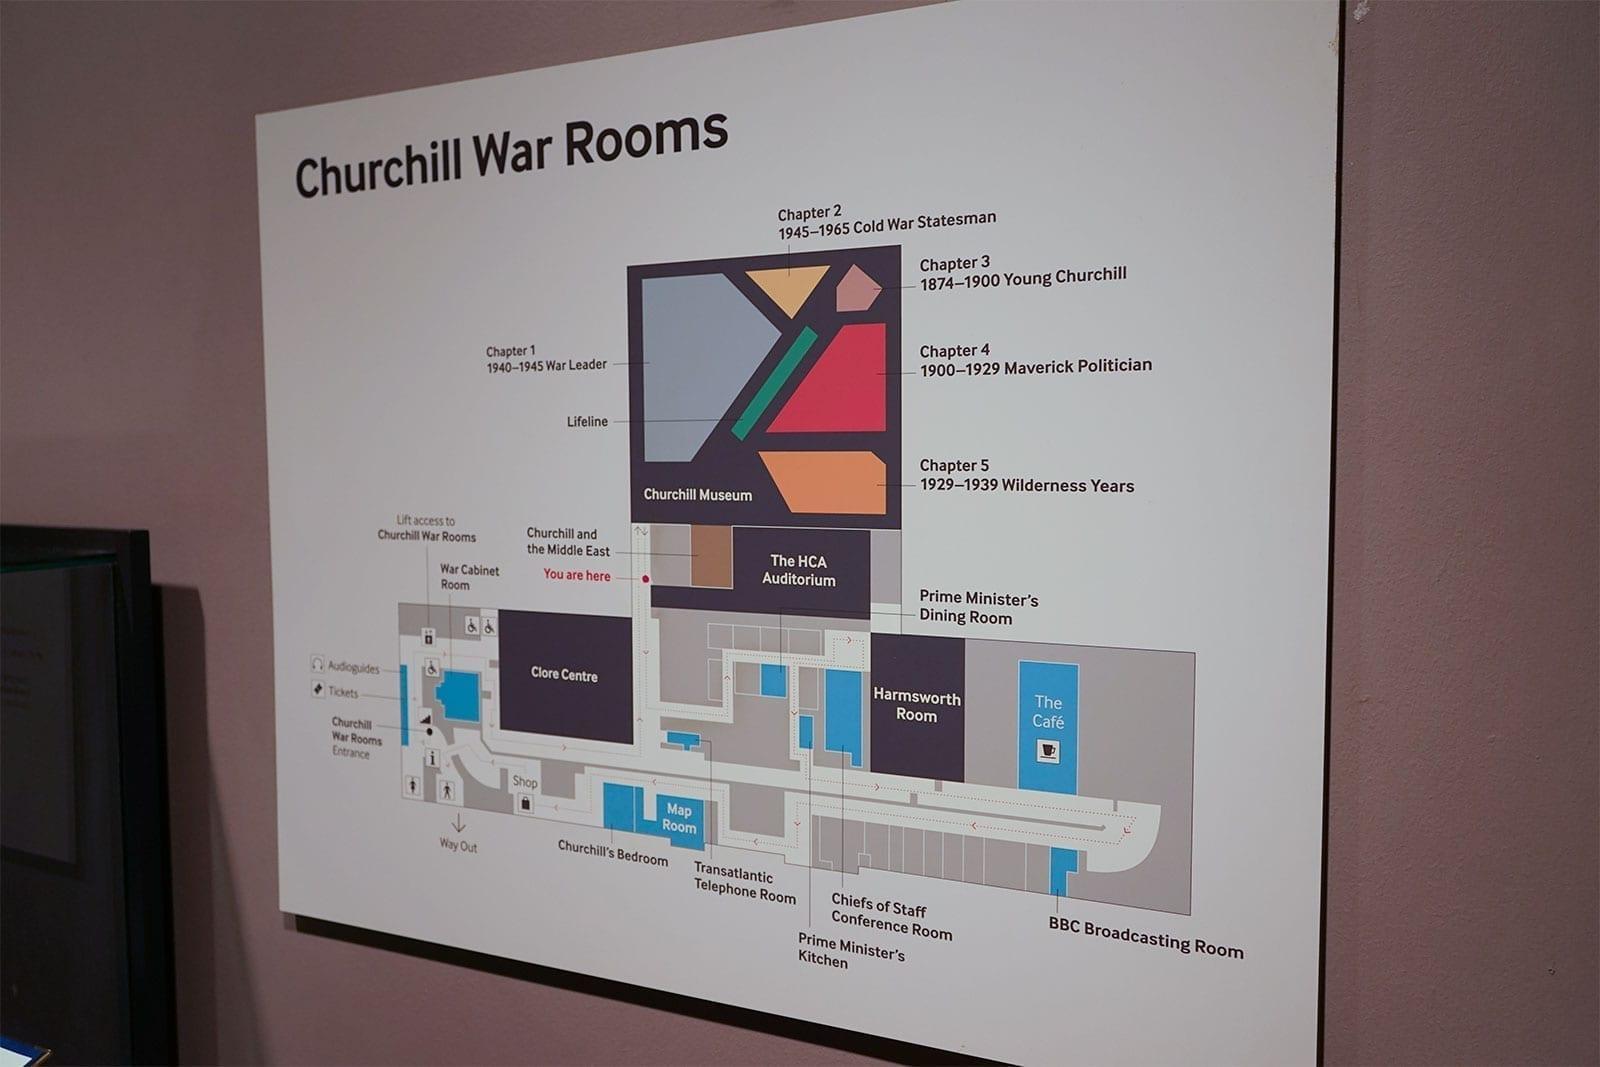 Churchill War Rooms Map